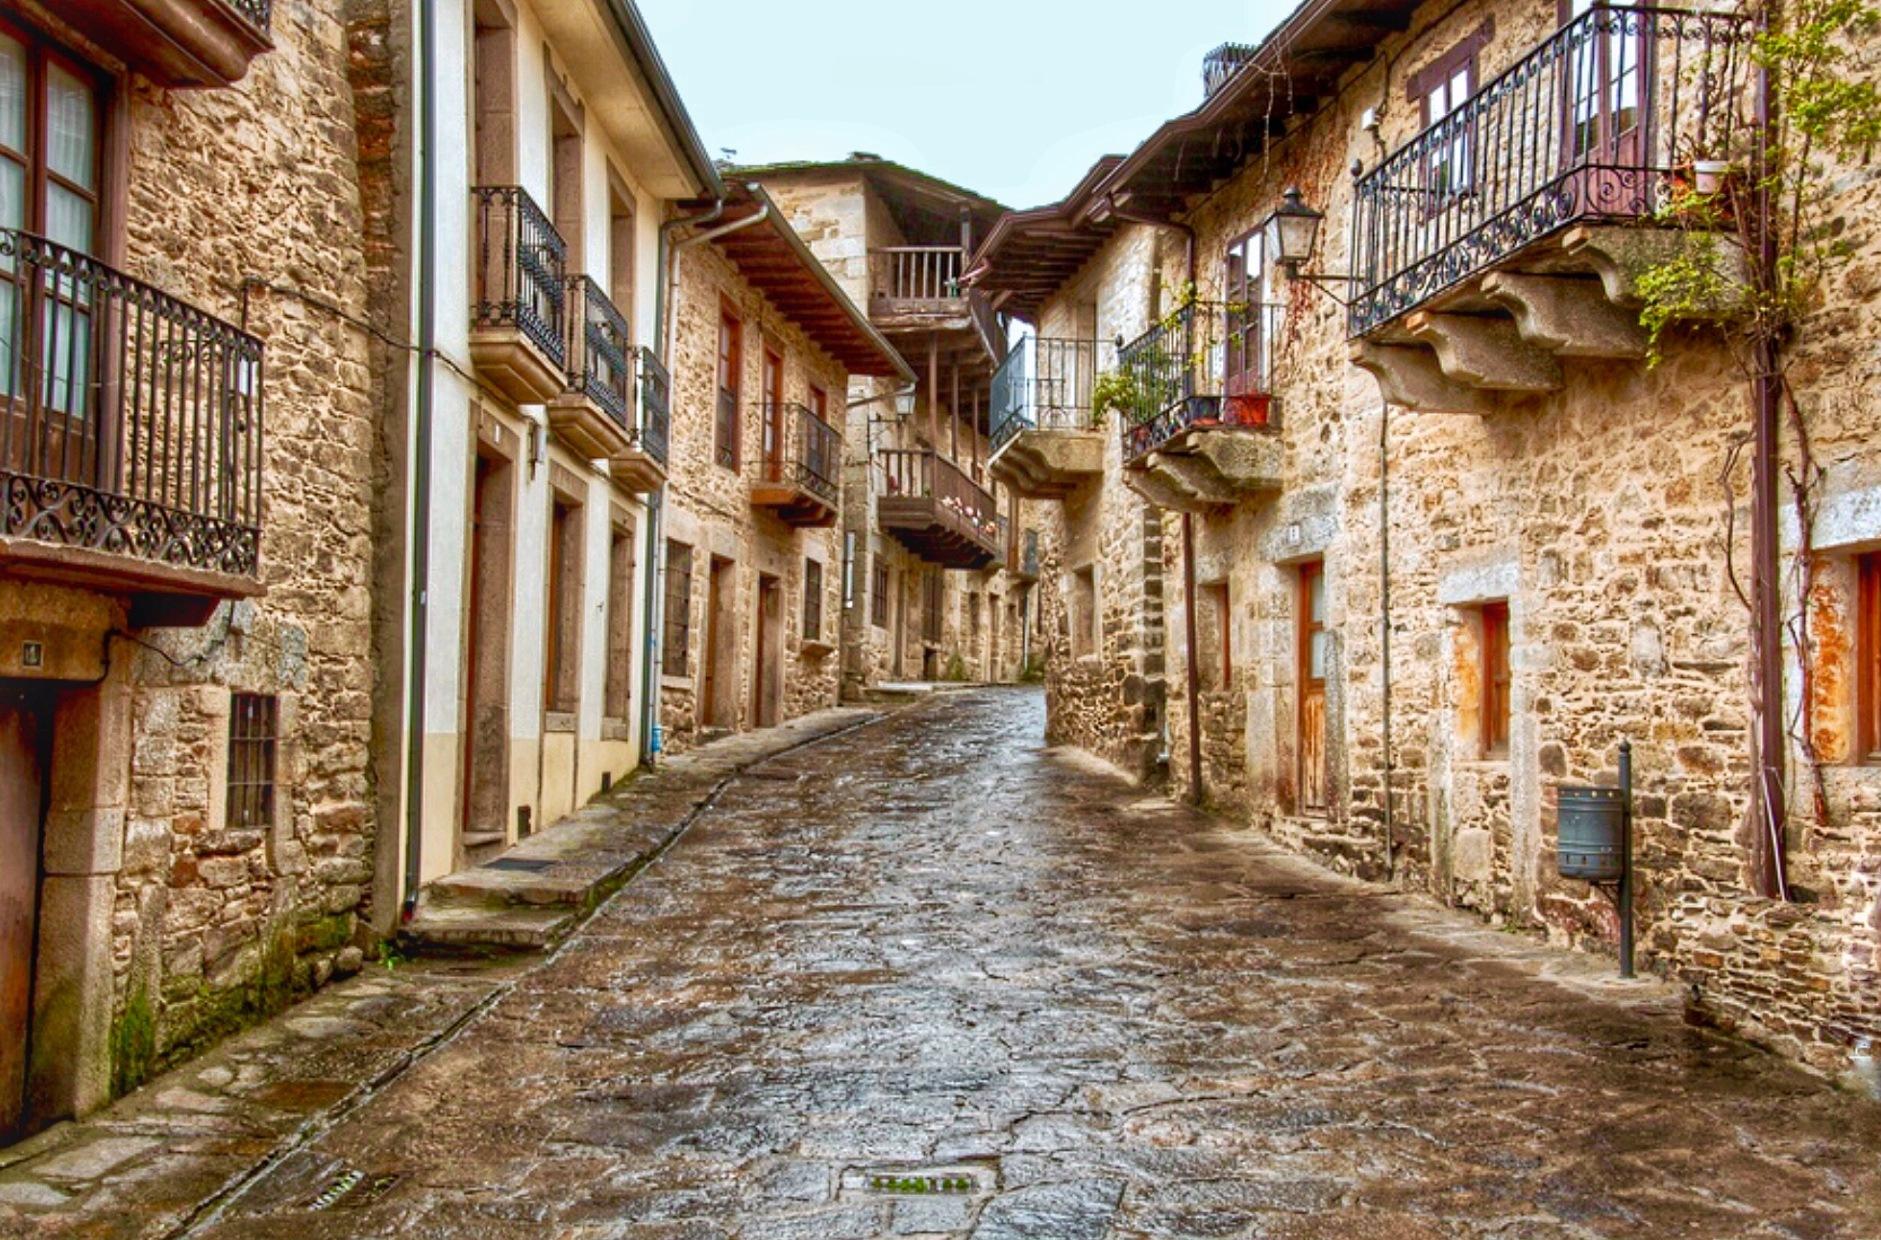 A village street by Gregorio Emper